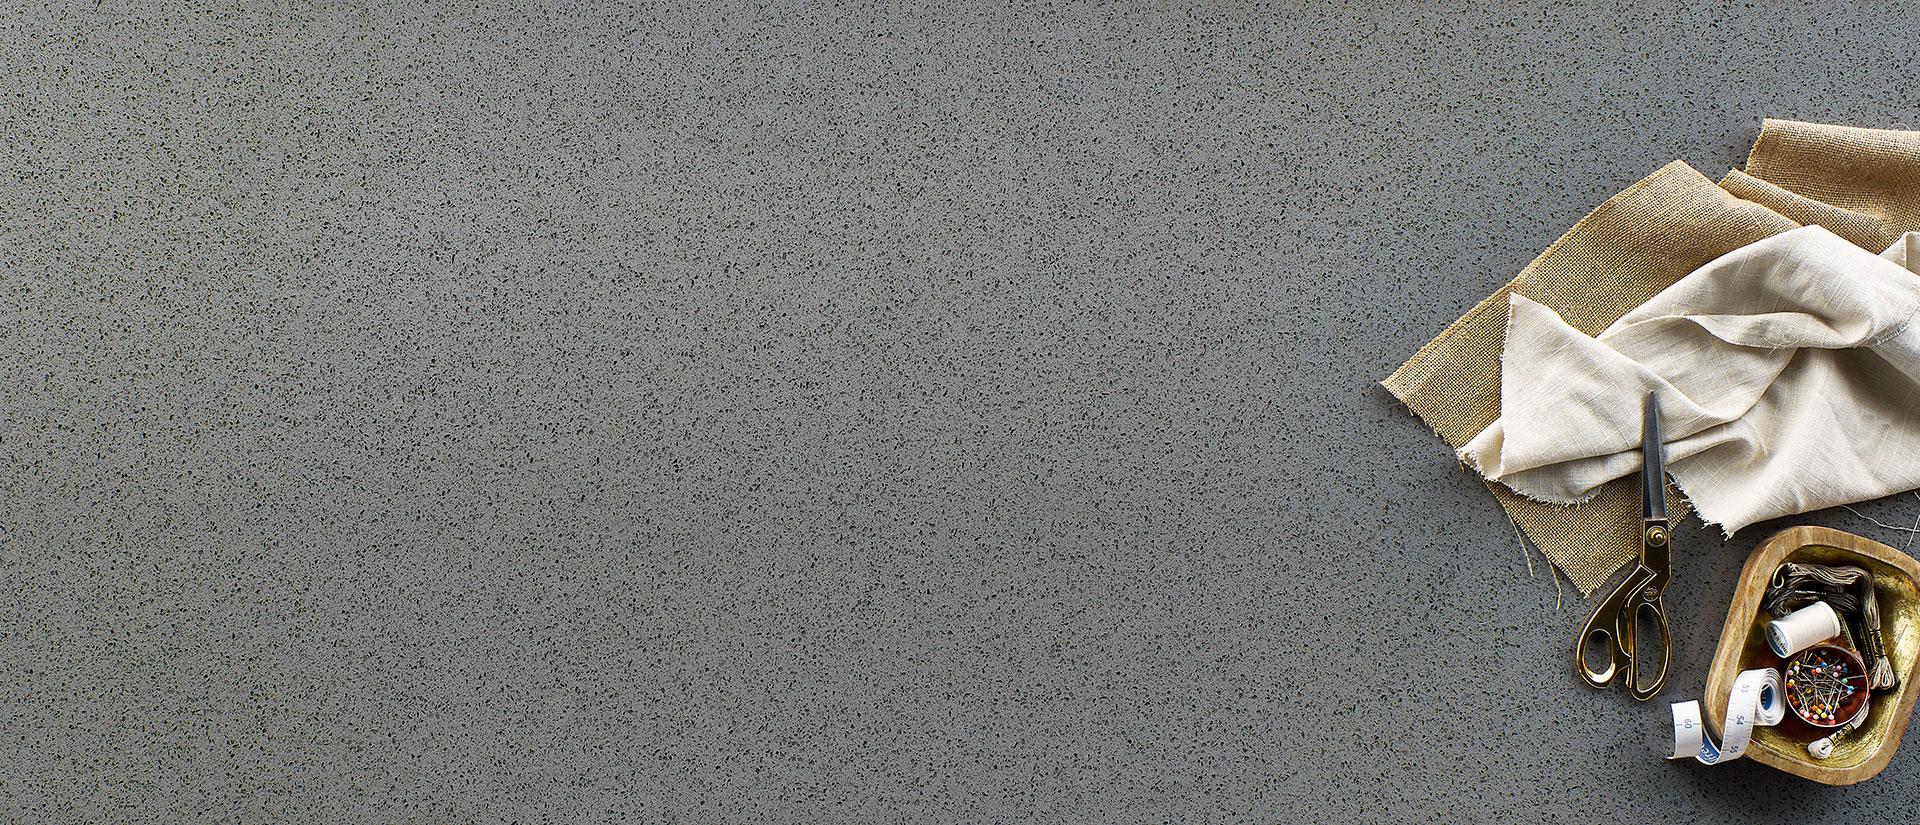 Iced Gray Quartz Vignette